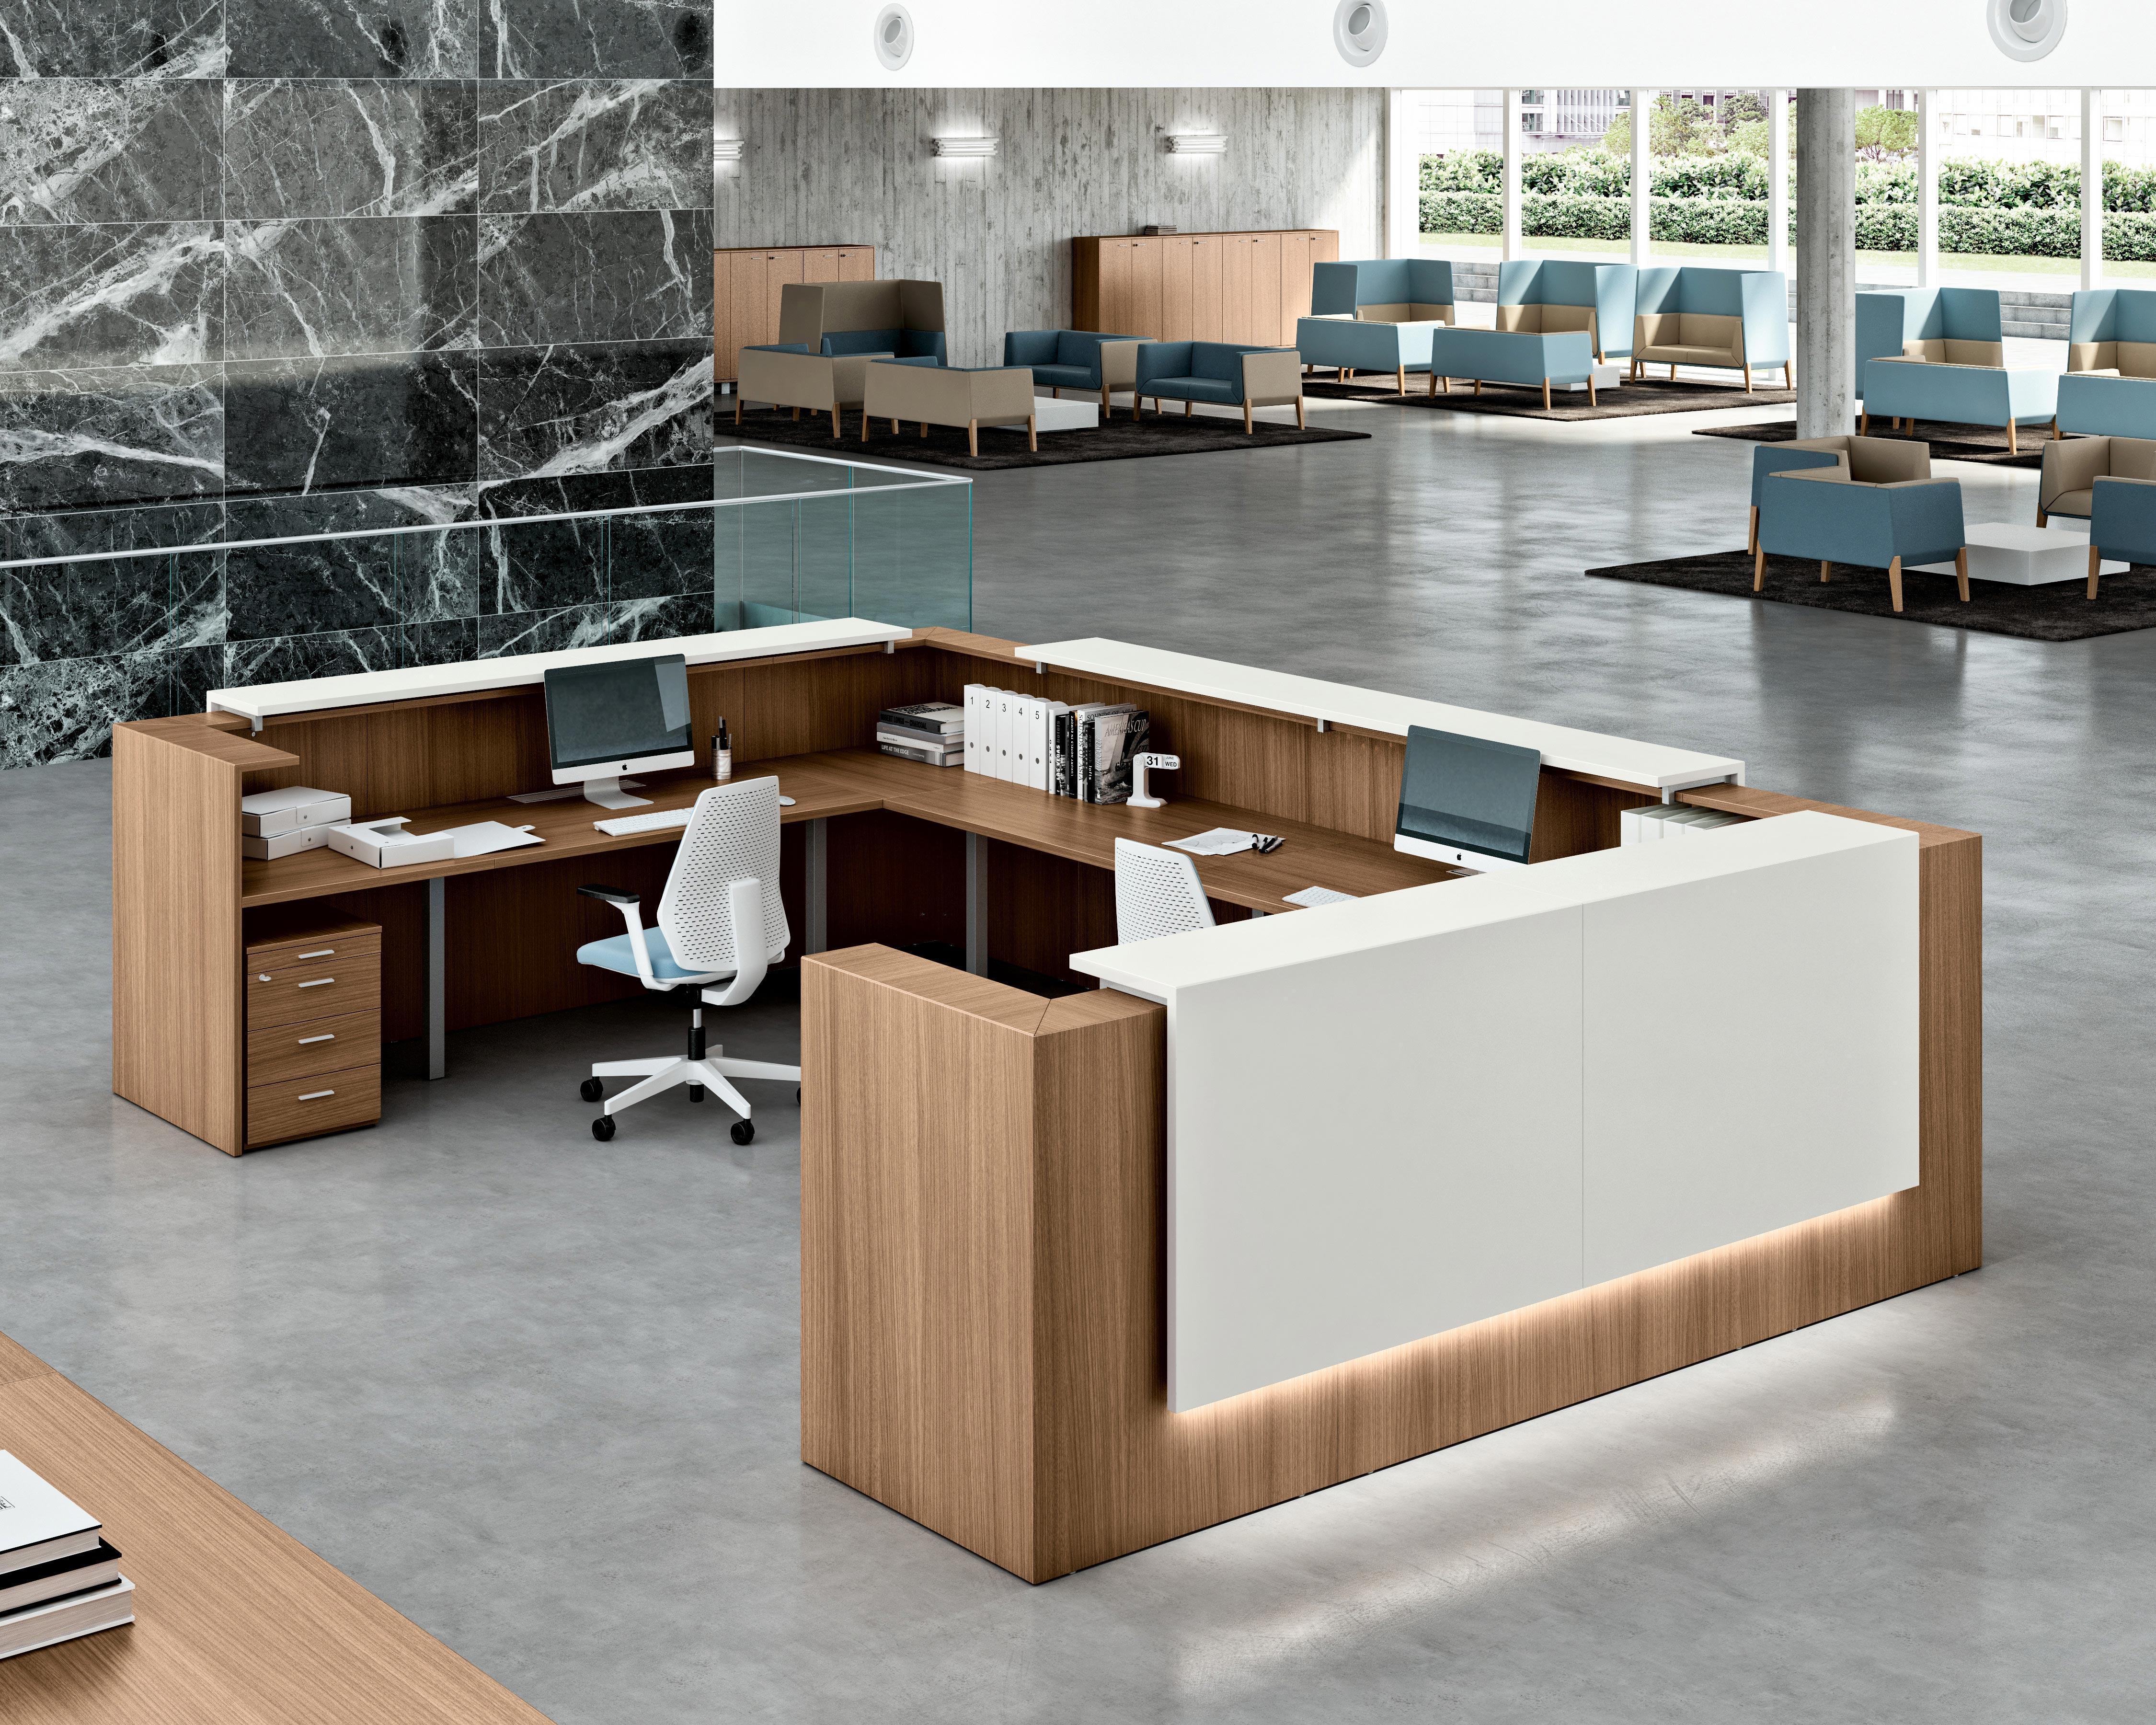 Kancelarijska stolica: Najpovoljniji odabir